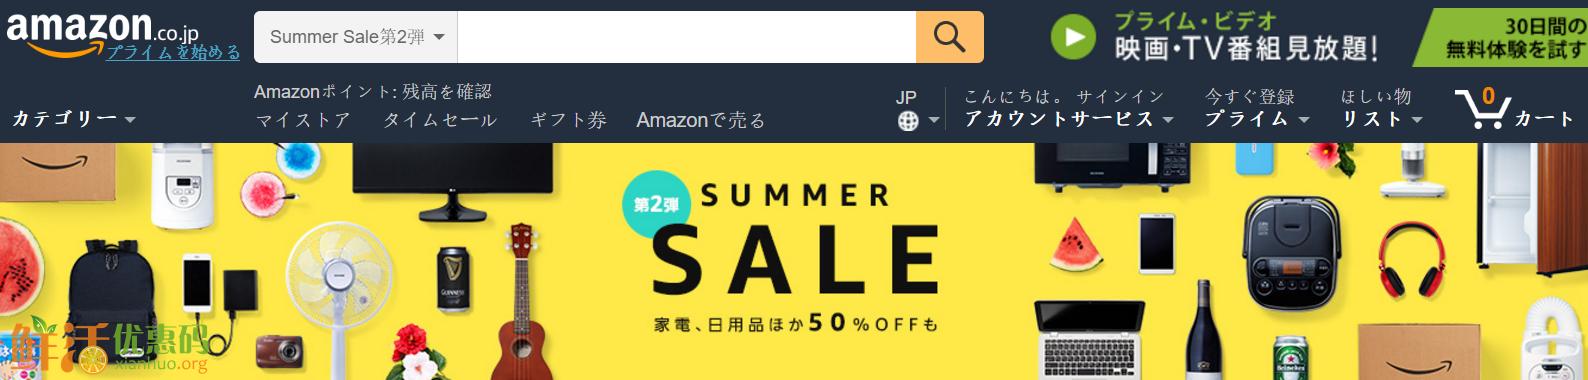 日本亚马逊优惠码2017 夏日大促全品类低至5折